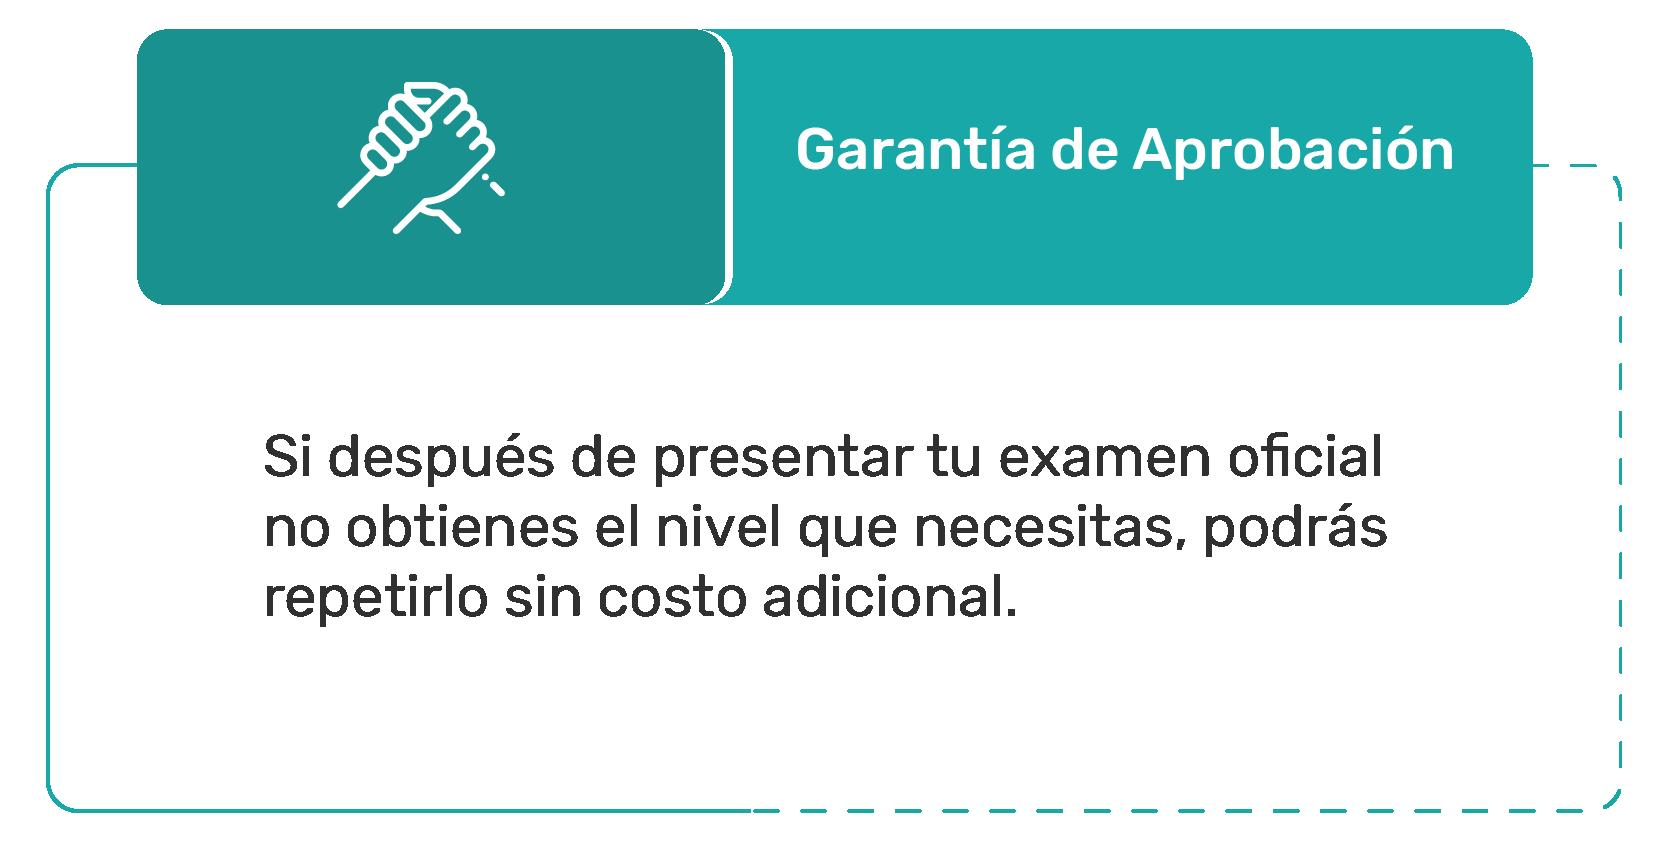 garantia aprobacion-19.png